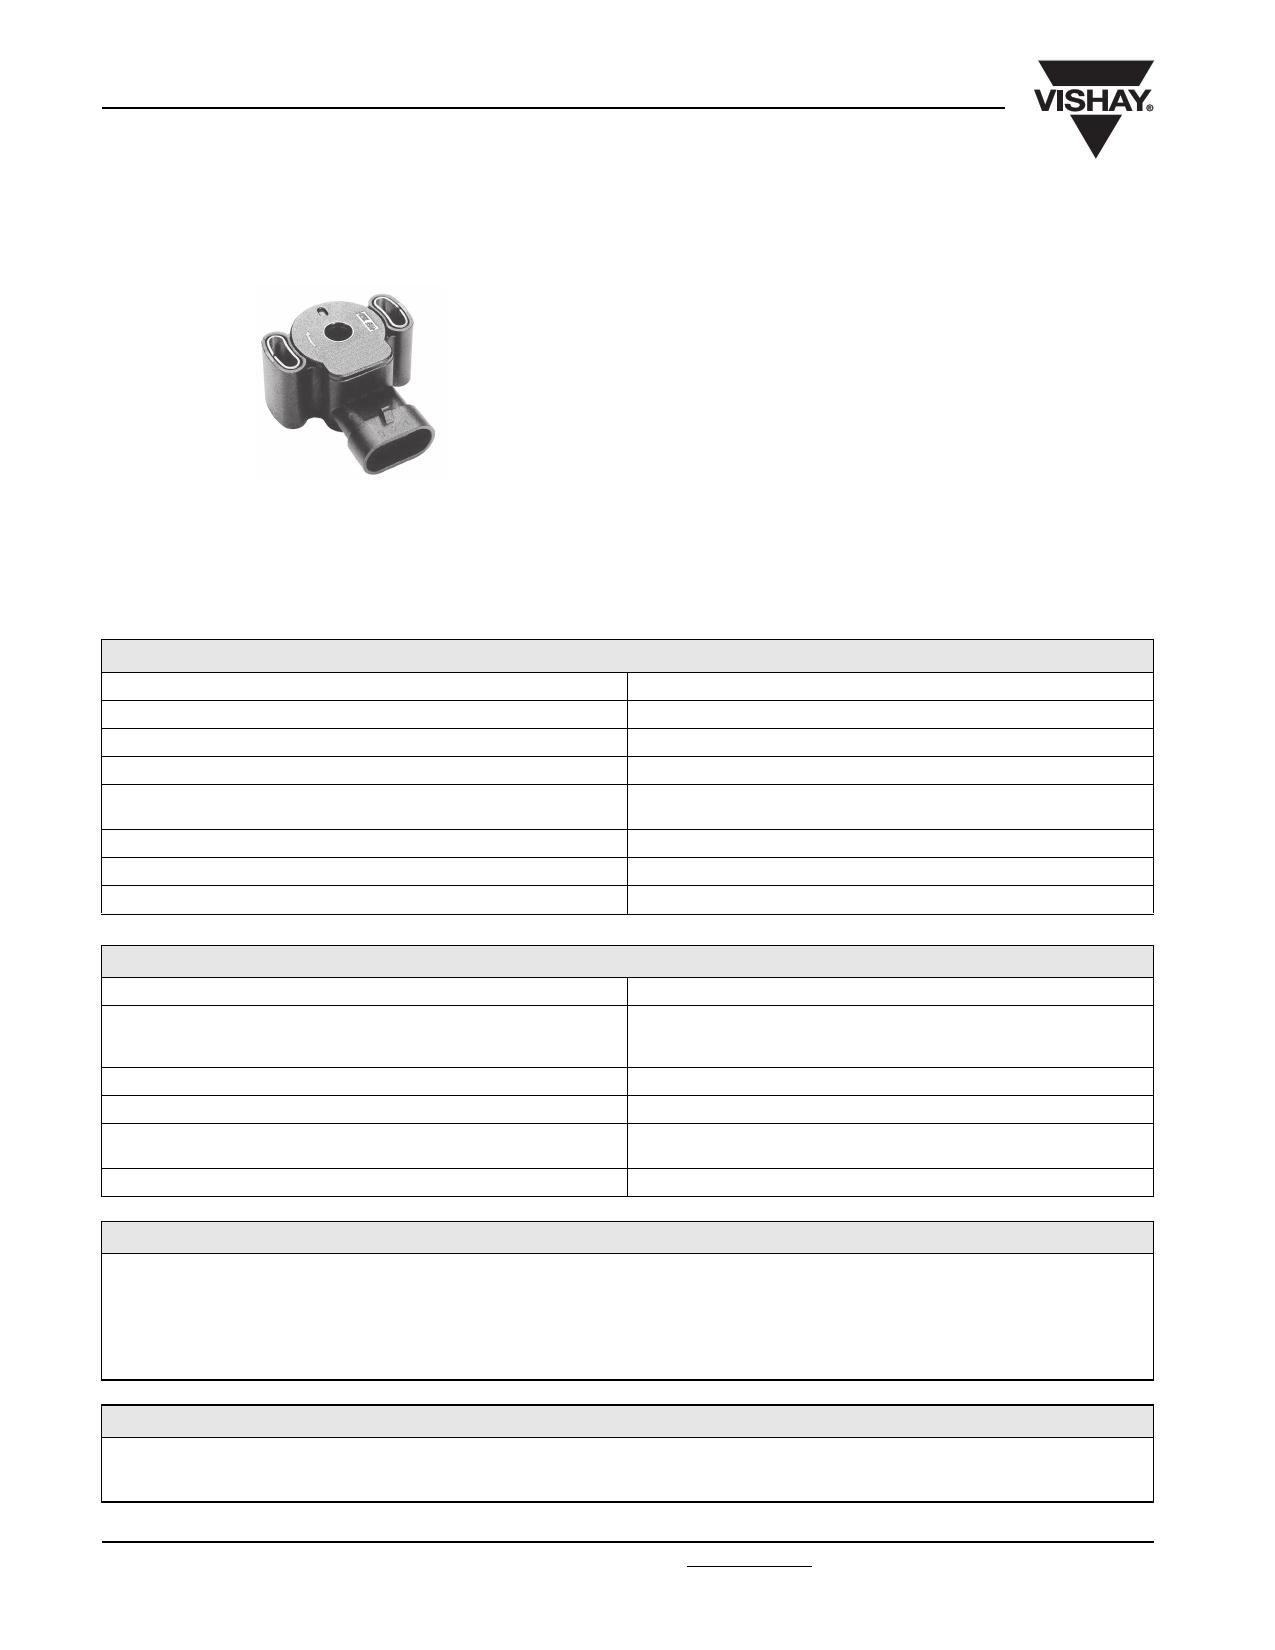 970-1036 datasheet, circuit